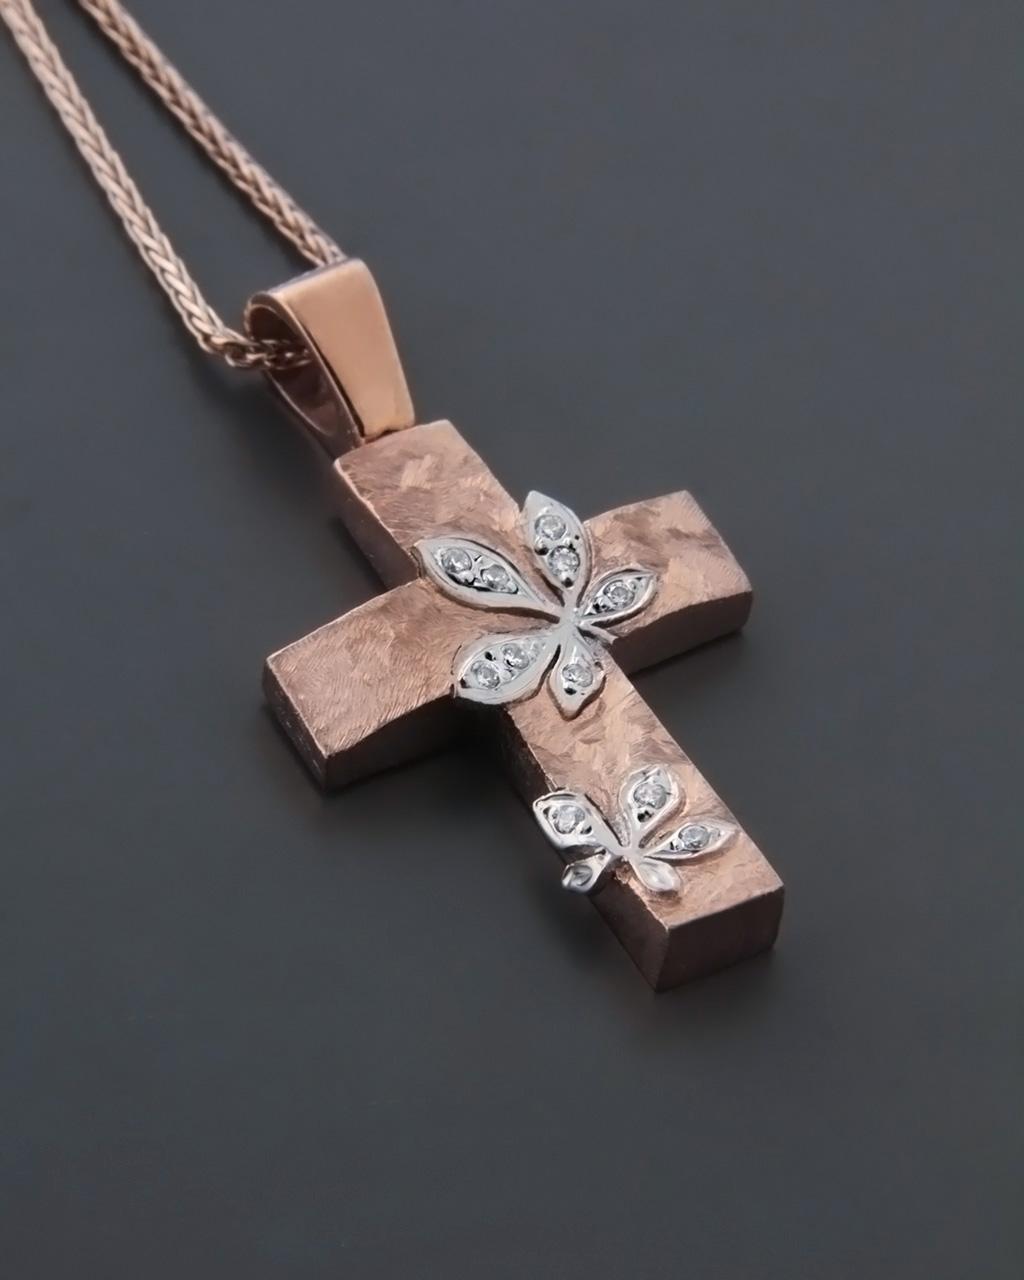 Σταυρός βάπτισης ροζ χρυσός & λευκόχρυσος Κ14 με Ζιργκόν   γυναικα σταυροί σταυροί λευκόχρυσοι